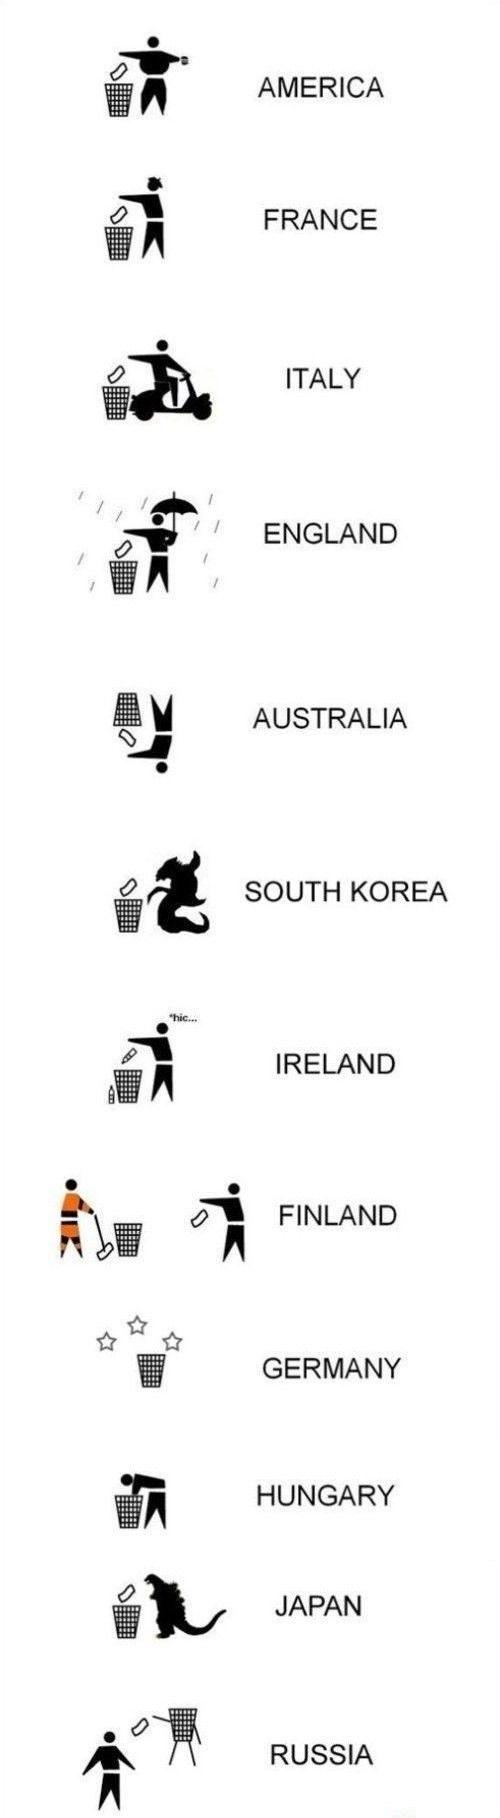 국가별 쓰레기 처리